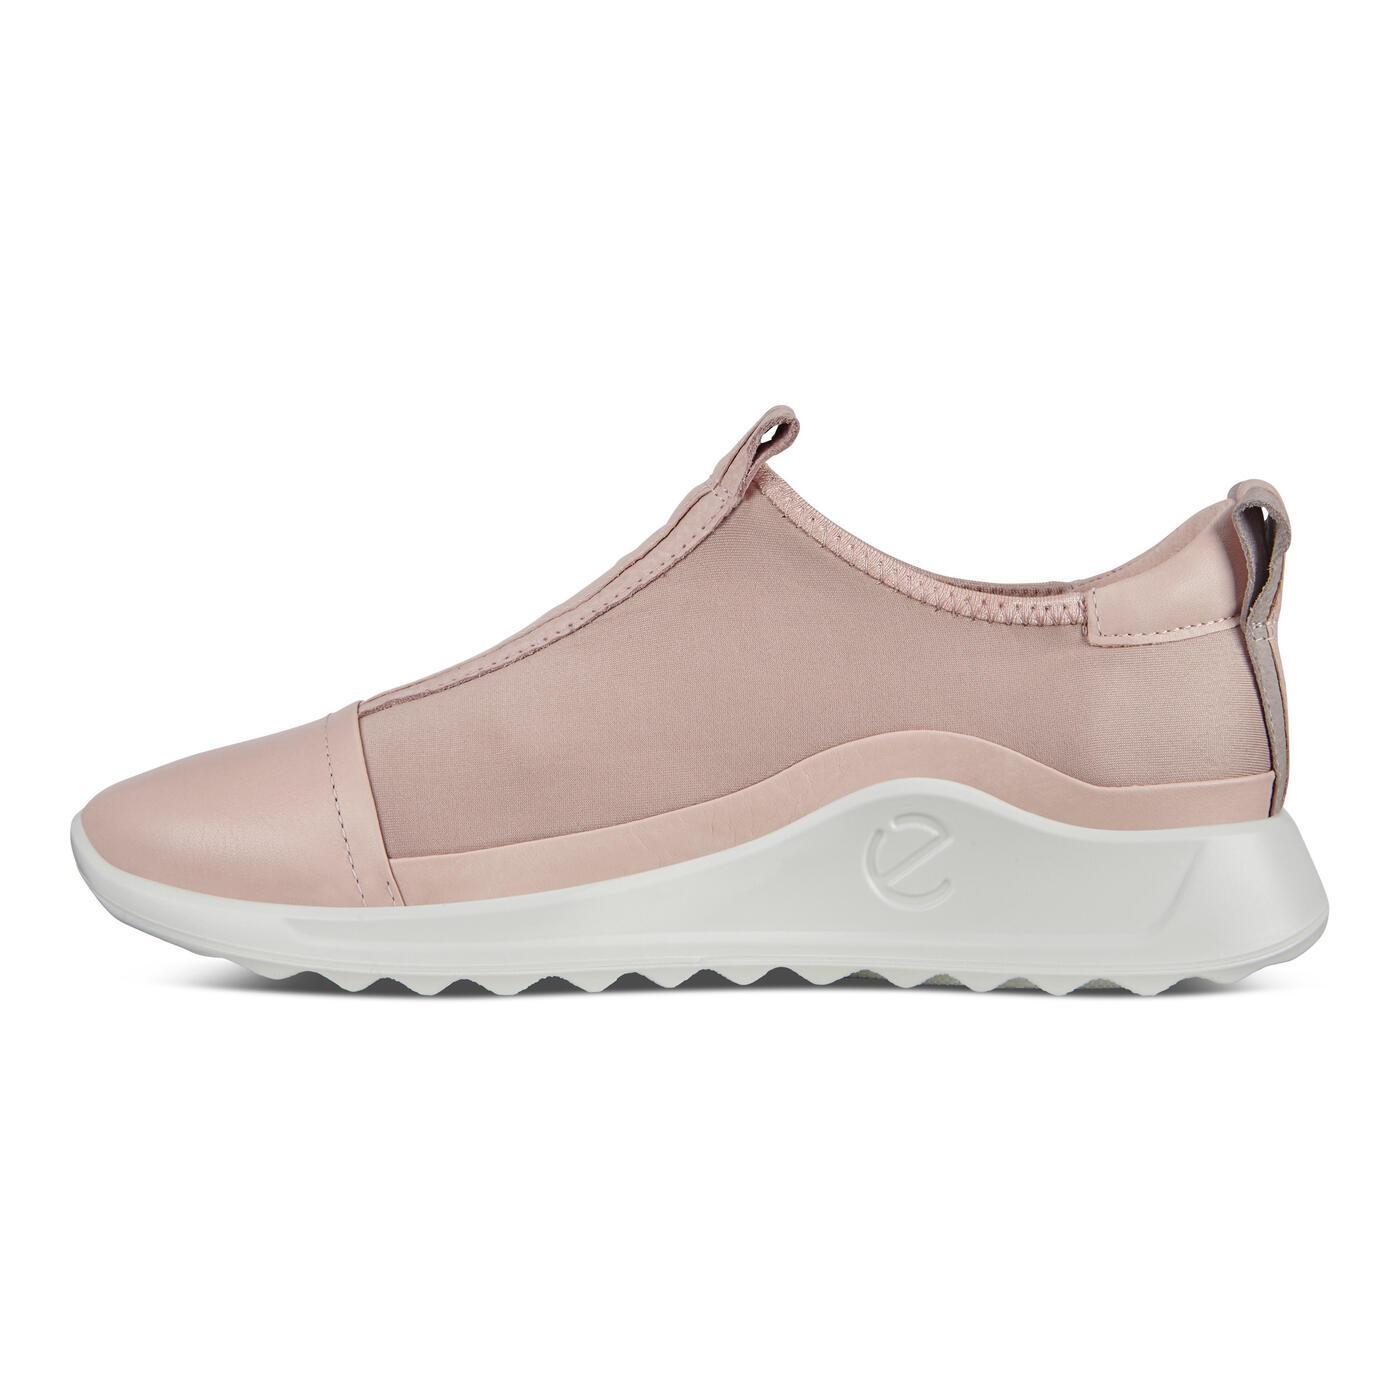 ECCO Flexure Runner Women's Sneaker